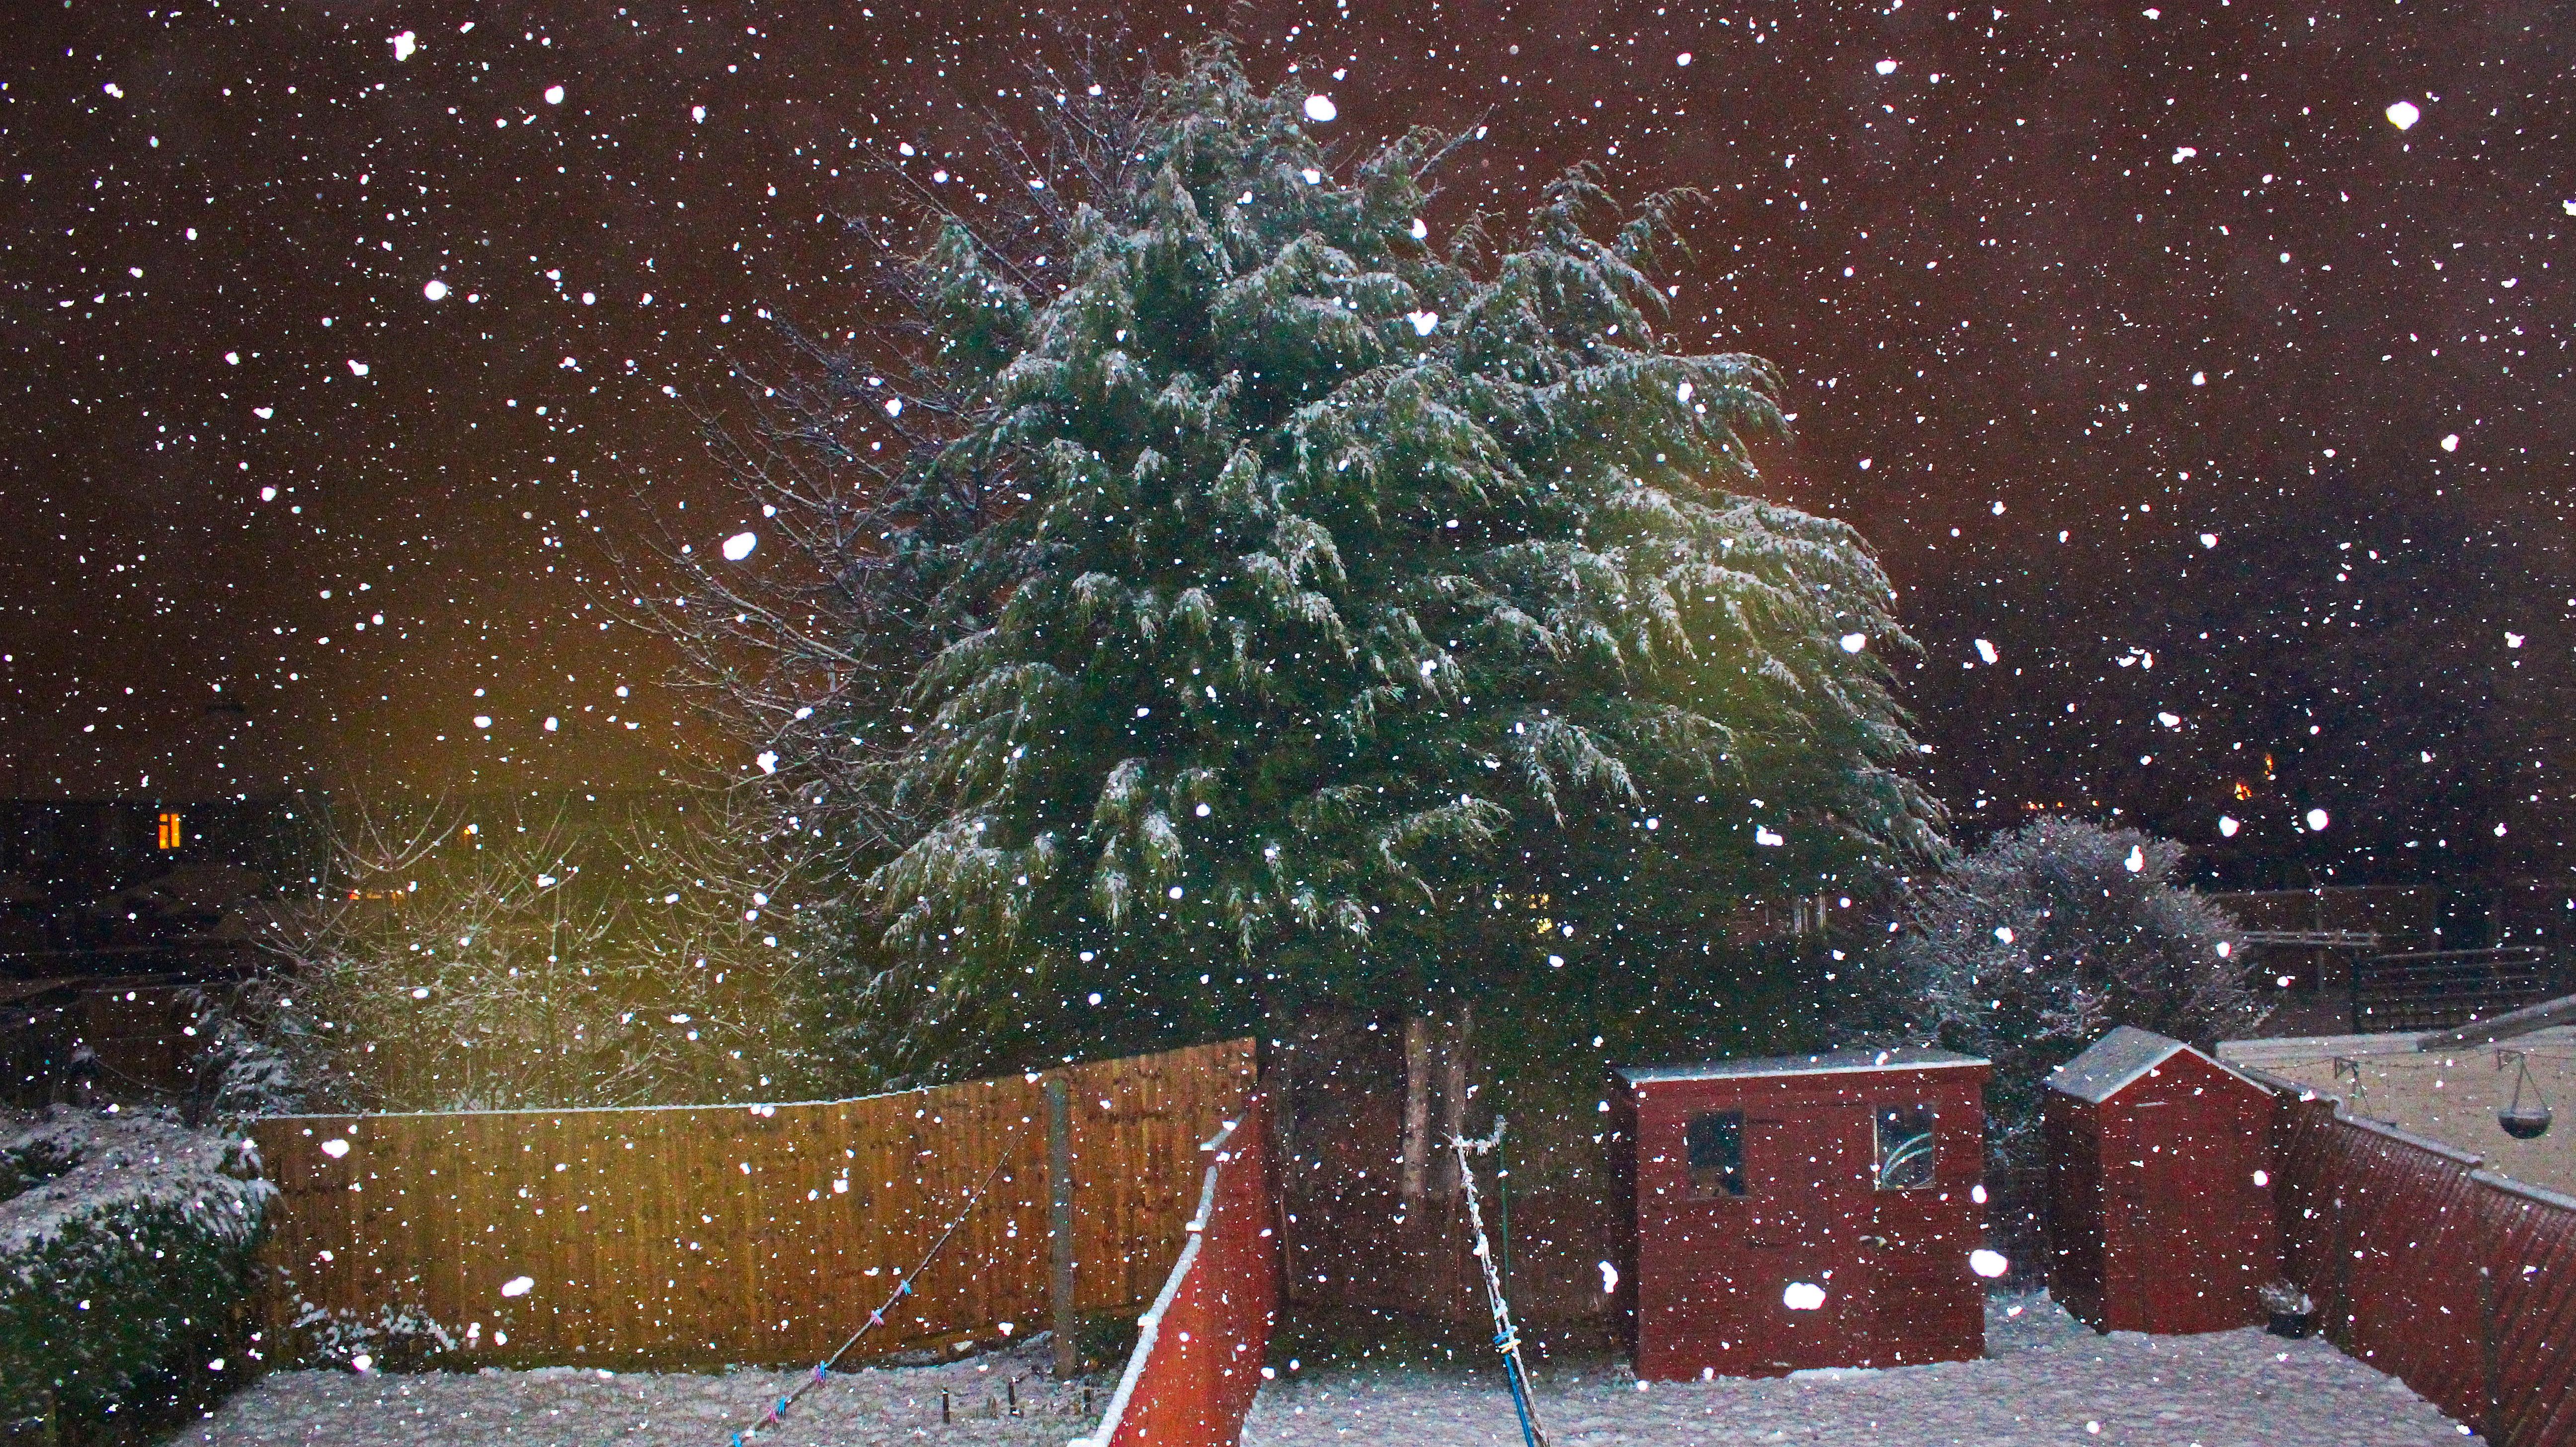 Weihnachtsbaum England.Hintergrundbilder Garten Nacht Natur Schnee Winter England